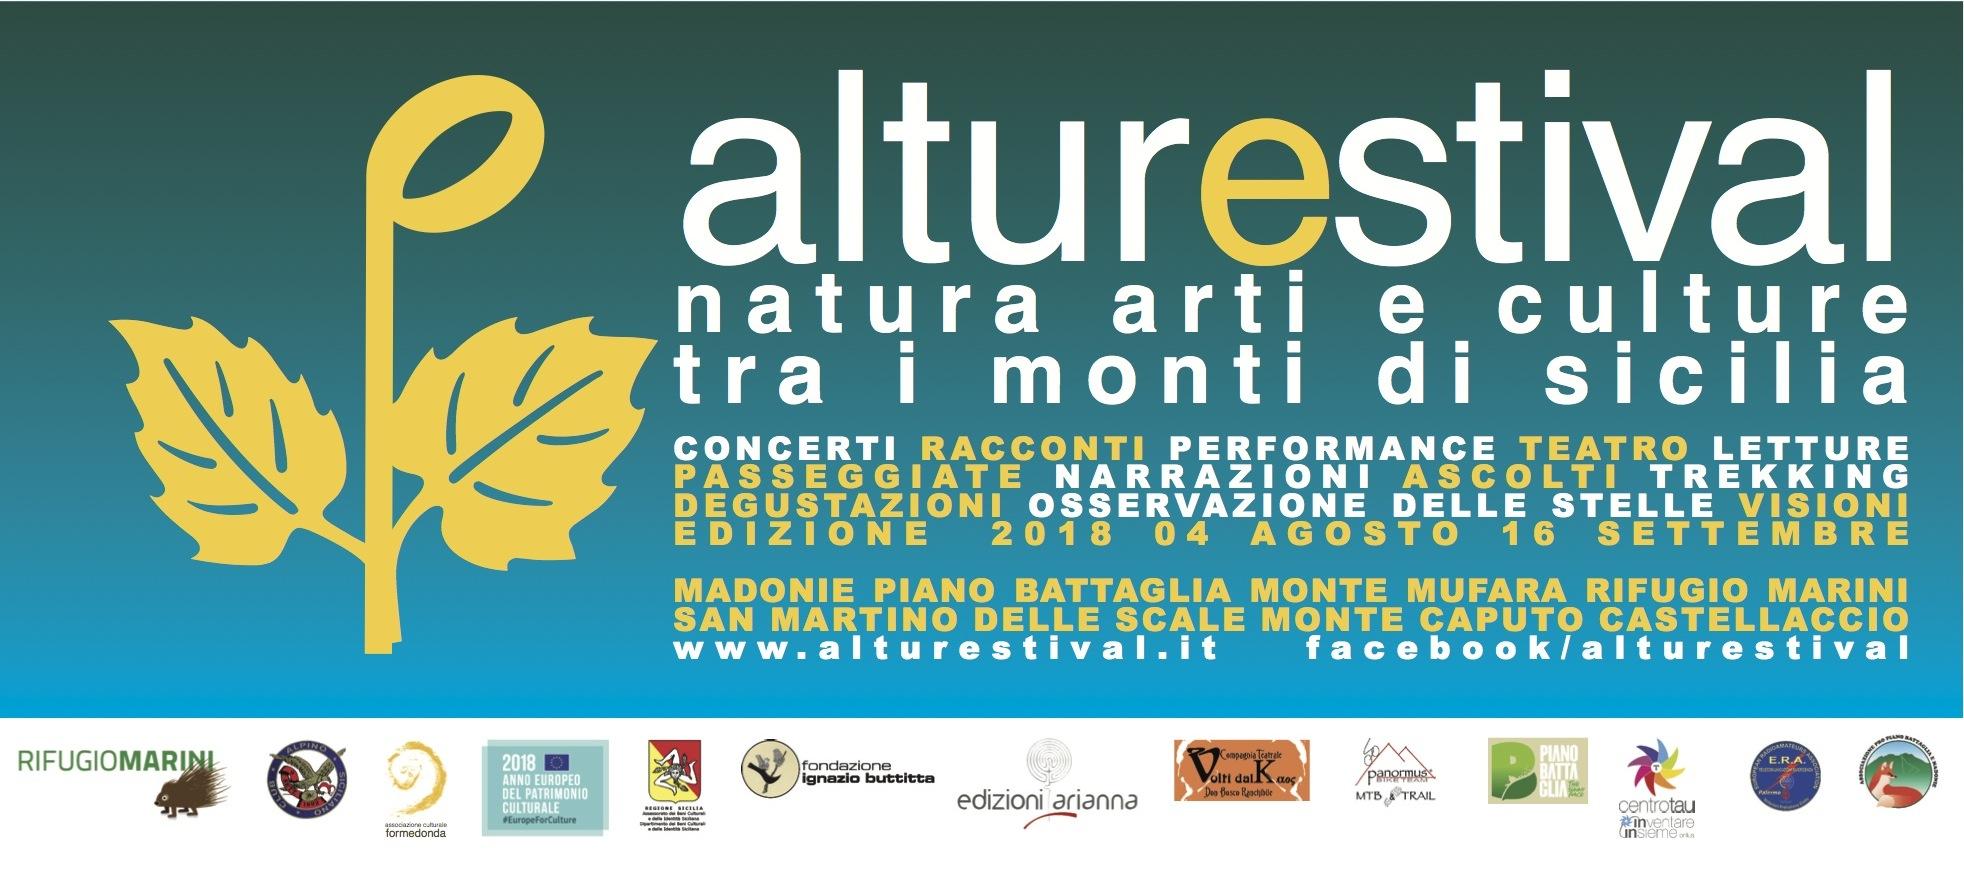 AlturEstival 2018: natura, arti e cultura tra i Monti di Sicilia